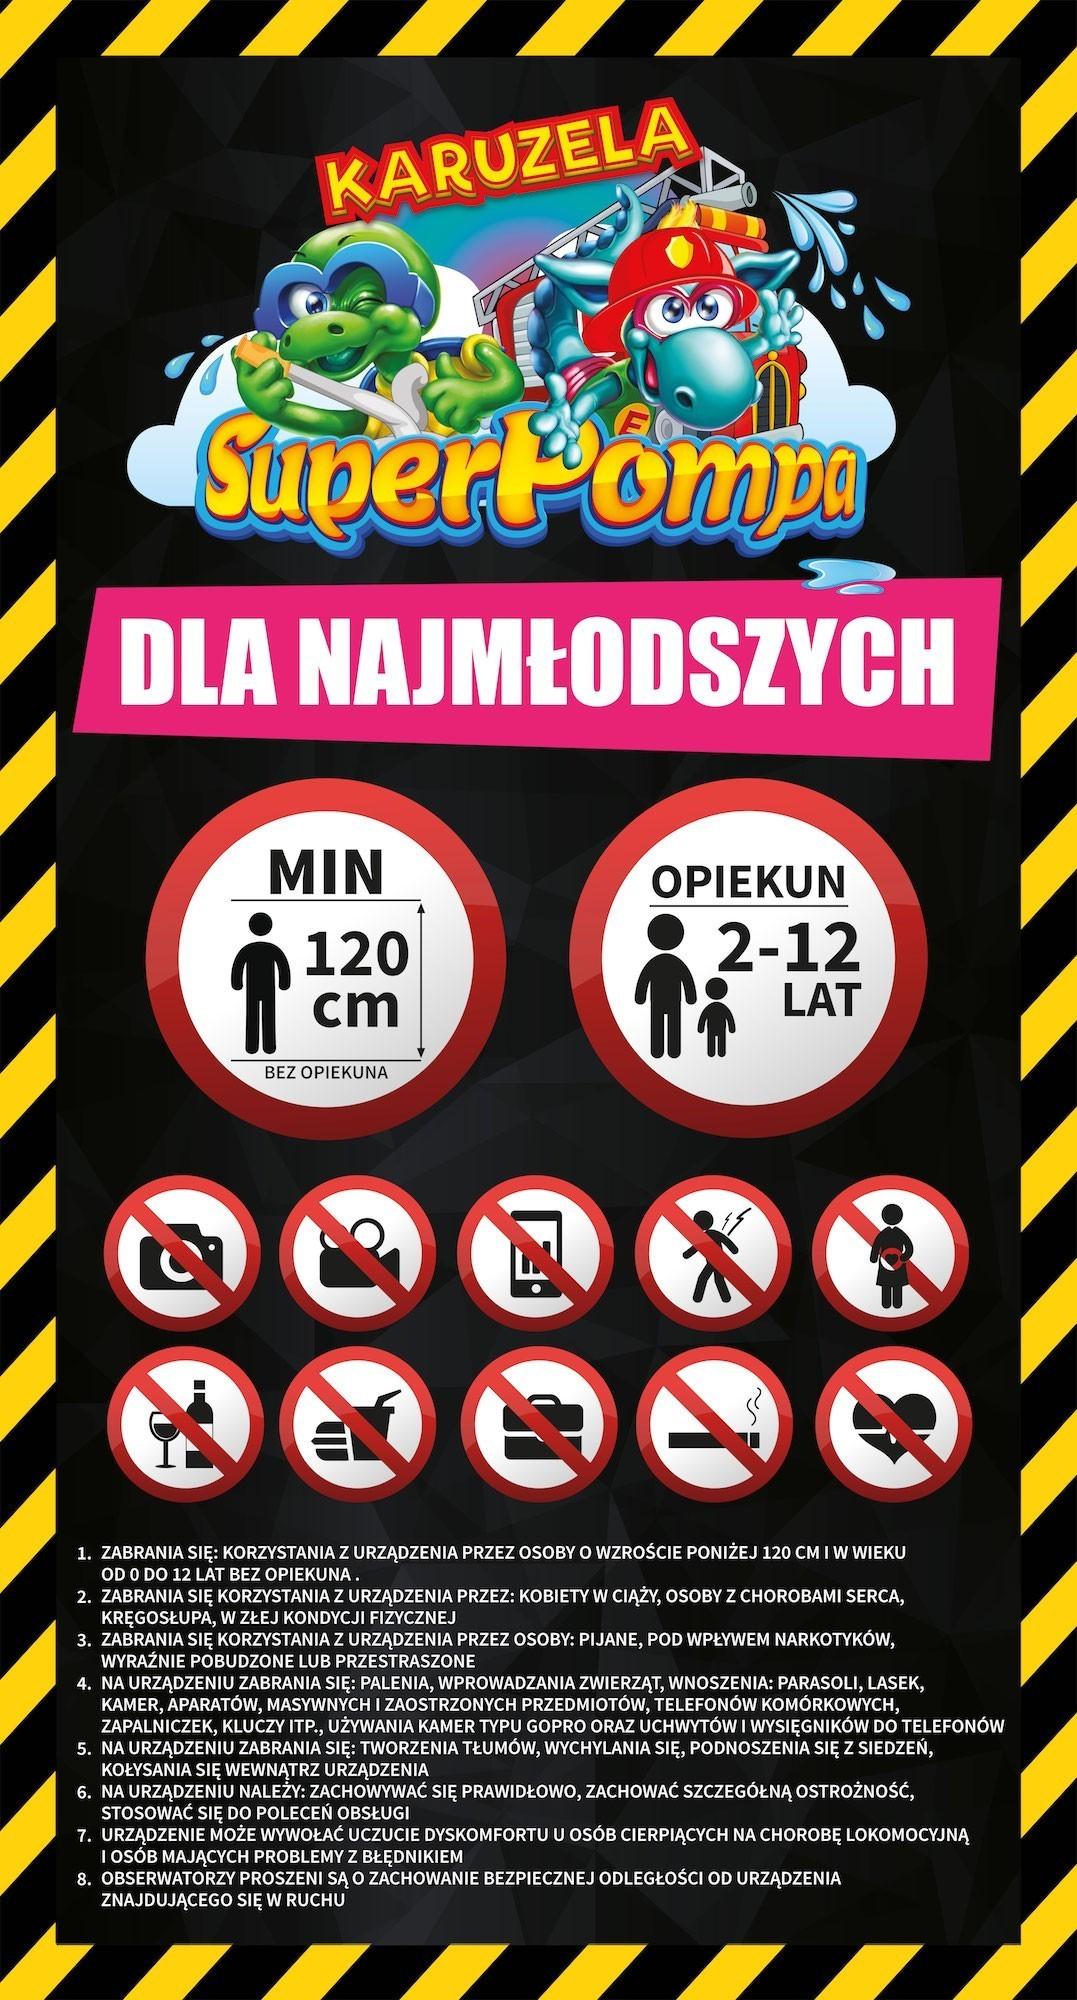 dla_najmlodszych_karuzela-super-pompa